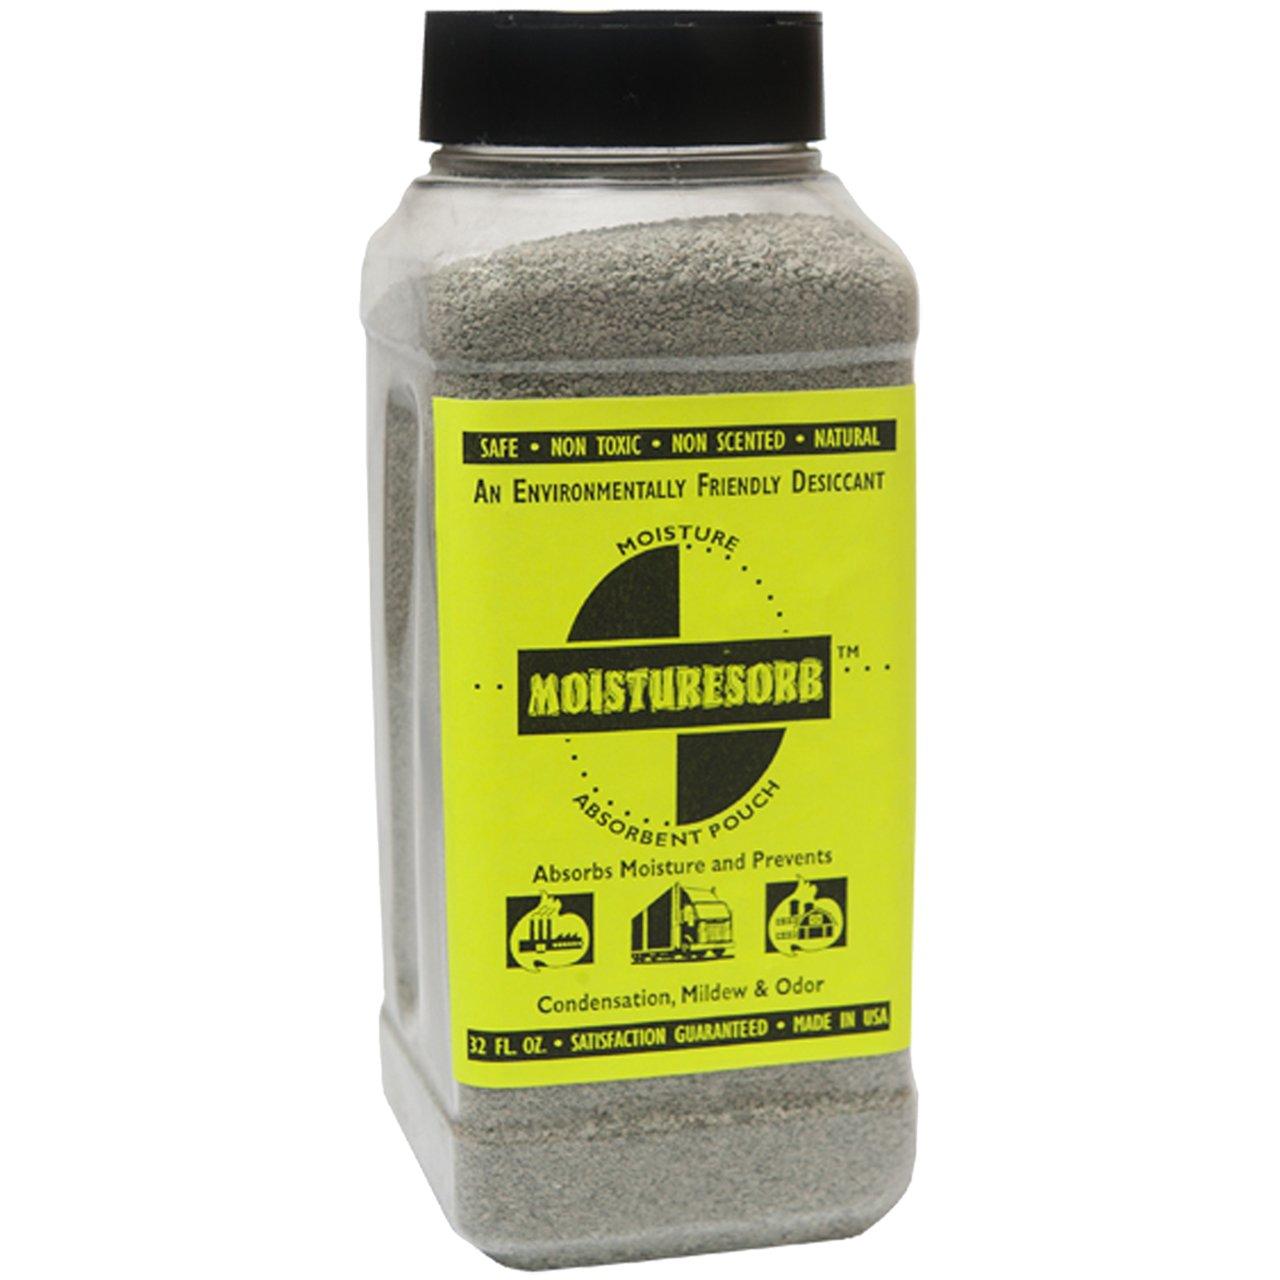 in vendita online MOISTURESORB Eco granuli di rimozione dell' umidità, umidità, umidità, 4 mm  50 lb.  ti aspetto